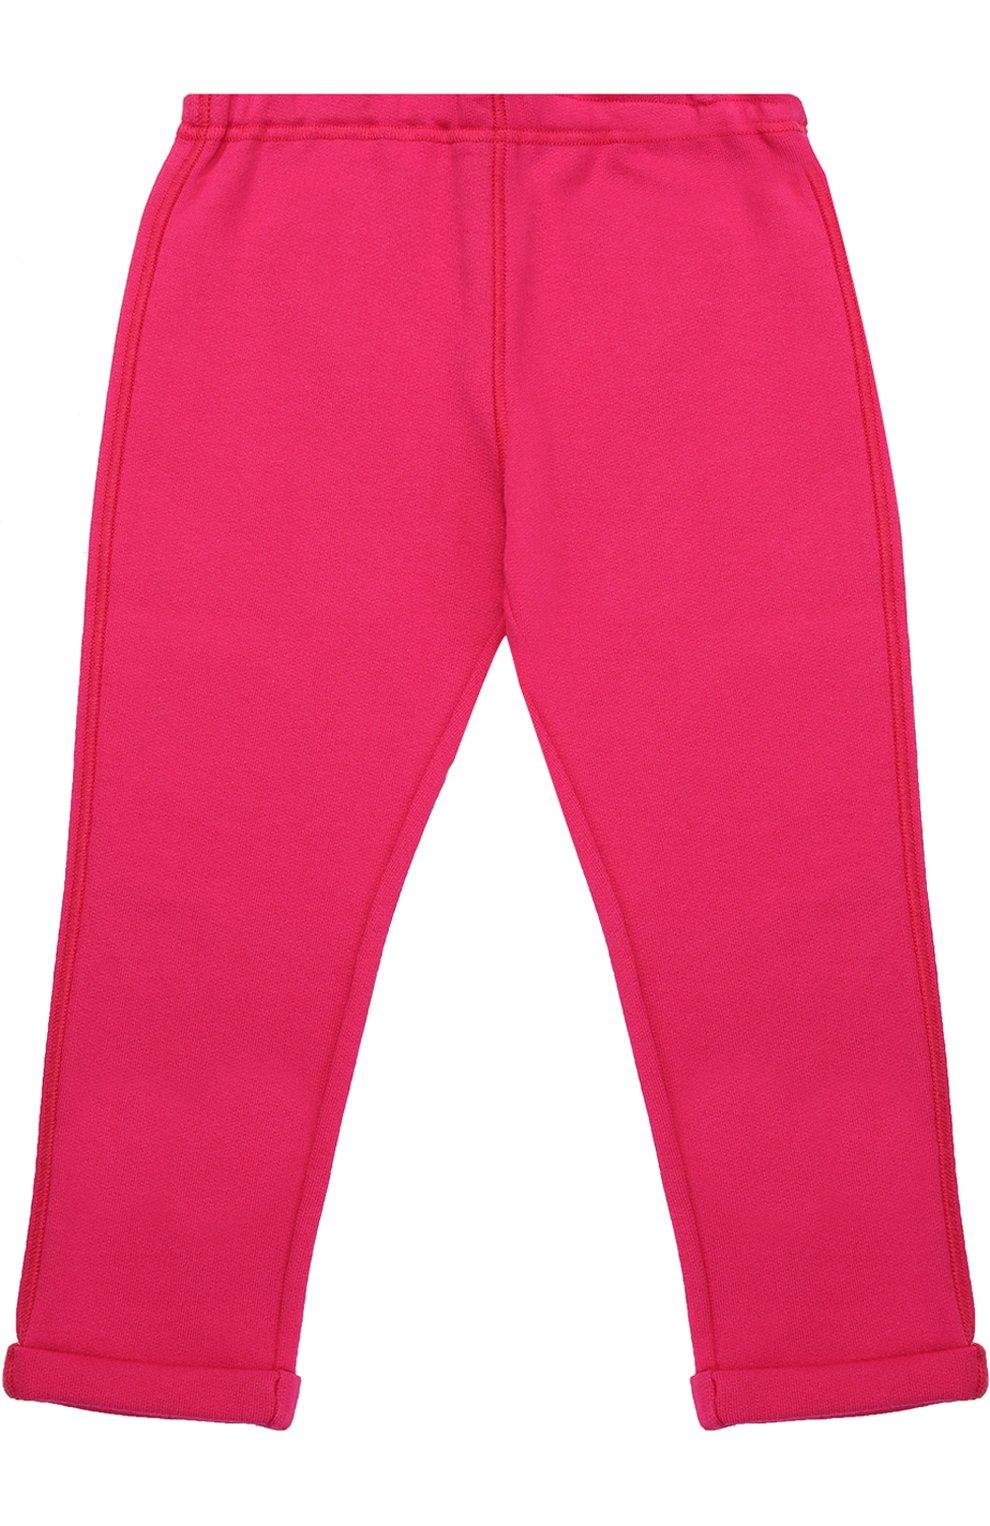 Детские брюки джерси с отворотами GUCCI розового цвета, арт. 458196/X5N29 | Фото 2